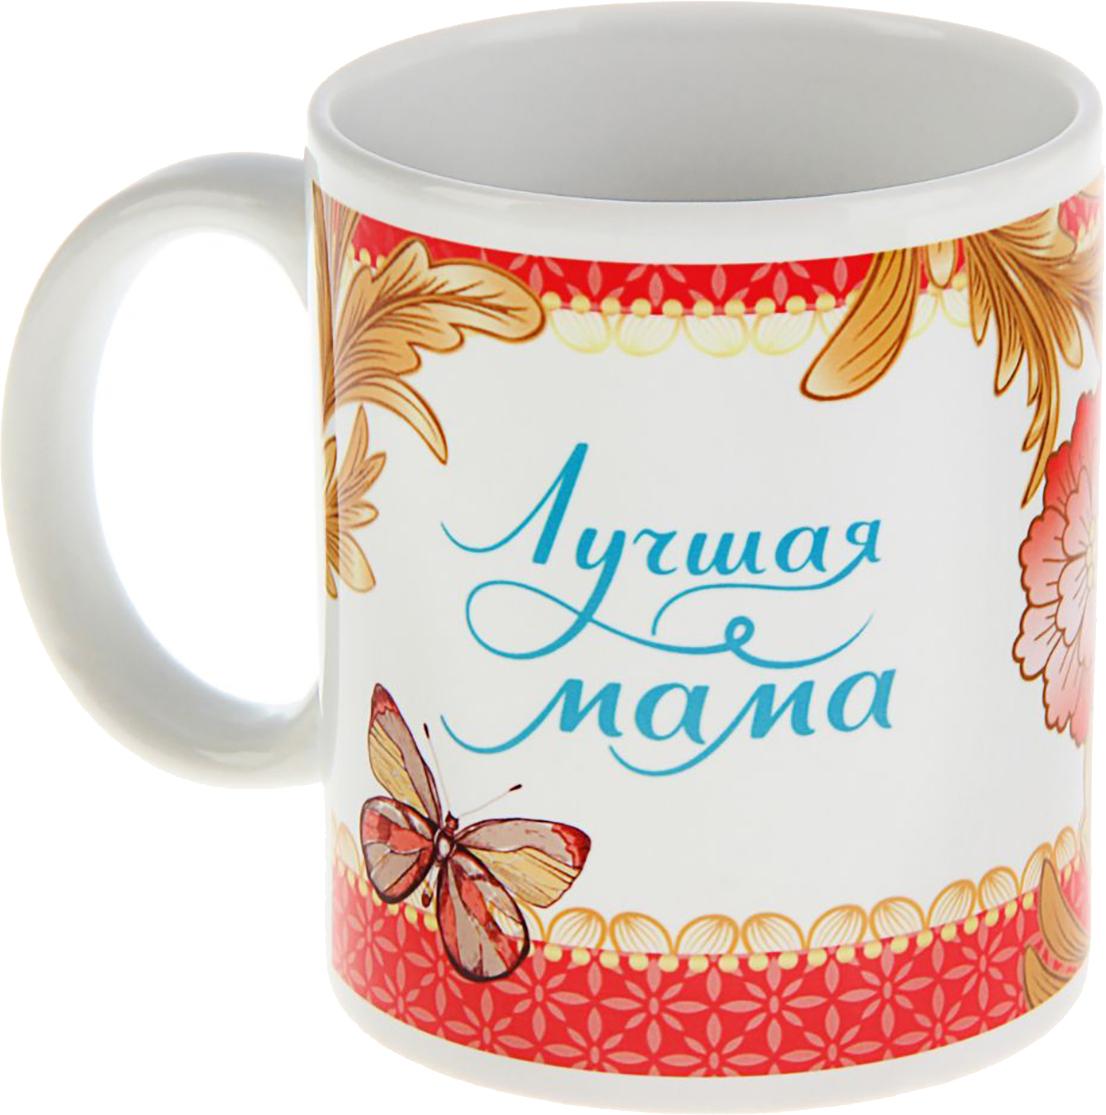 Кружка Sima-Land Лучшая мама, 330 мл1325347Кружка Sima-Land — лучший подарок.Это замечательный и памятный подарок на любой случай. Он с любовью создан нашими дизайнерами специально для ценителей чая. Интересный дизайн и благородные цвета будут радовать ее обладателя долгие годы. Изображение нанесено с помощью сублимации, поэтому устойчиво к воздействию моющих средств и не подвержено выгоранию на солнце.Соберите коллекцию для всей семьи, тогда каждое чаепитие в кругу родных превратится в настоящую церемонию.